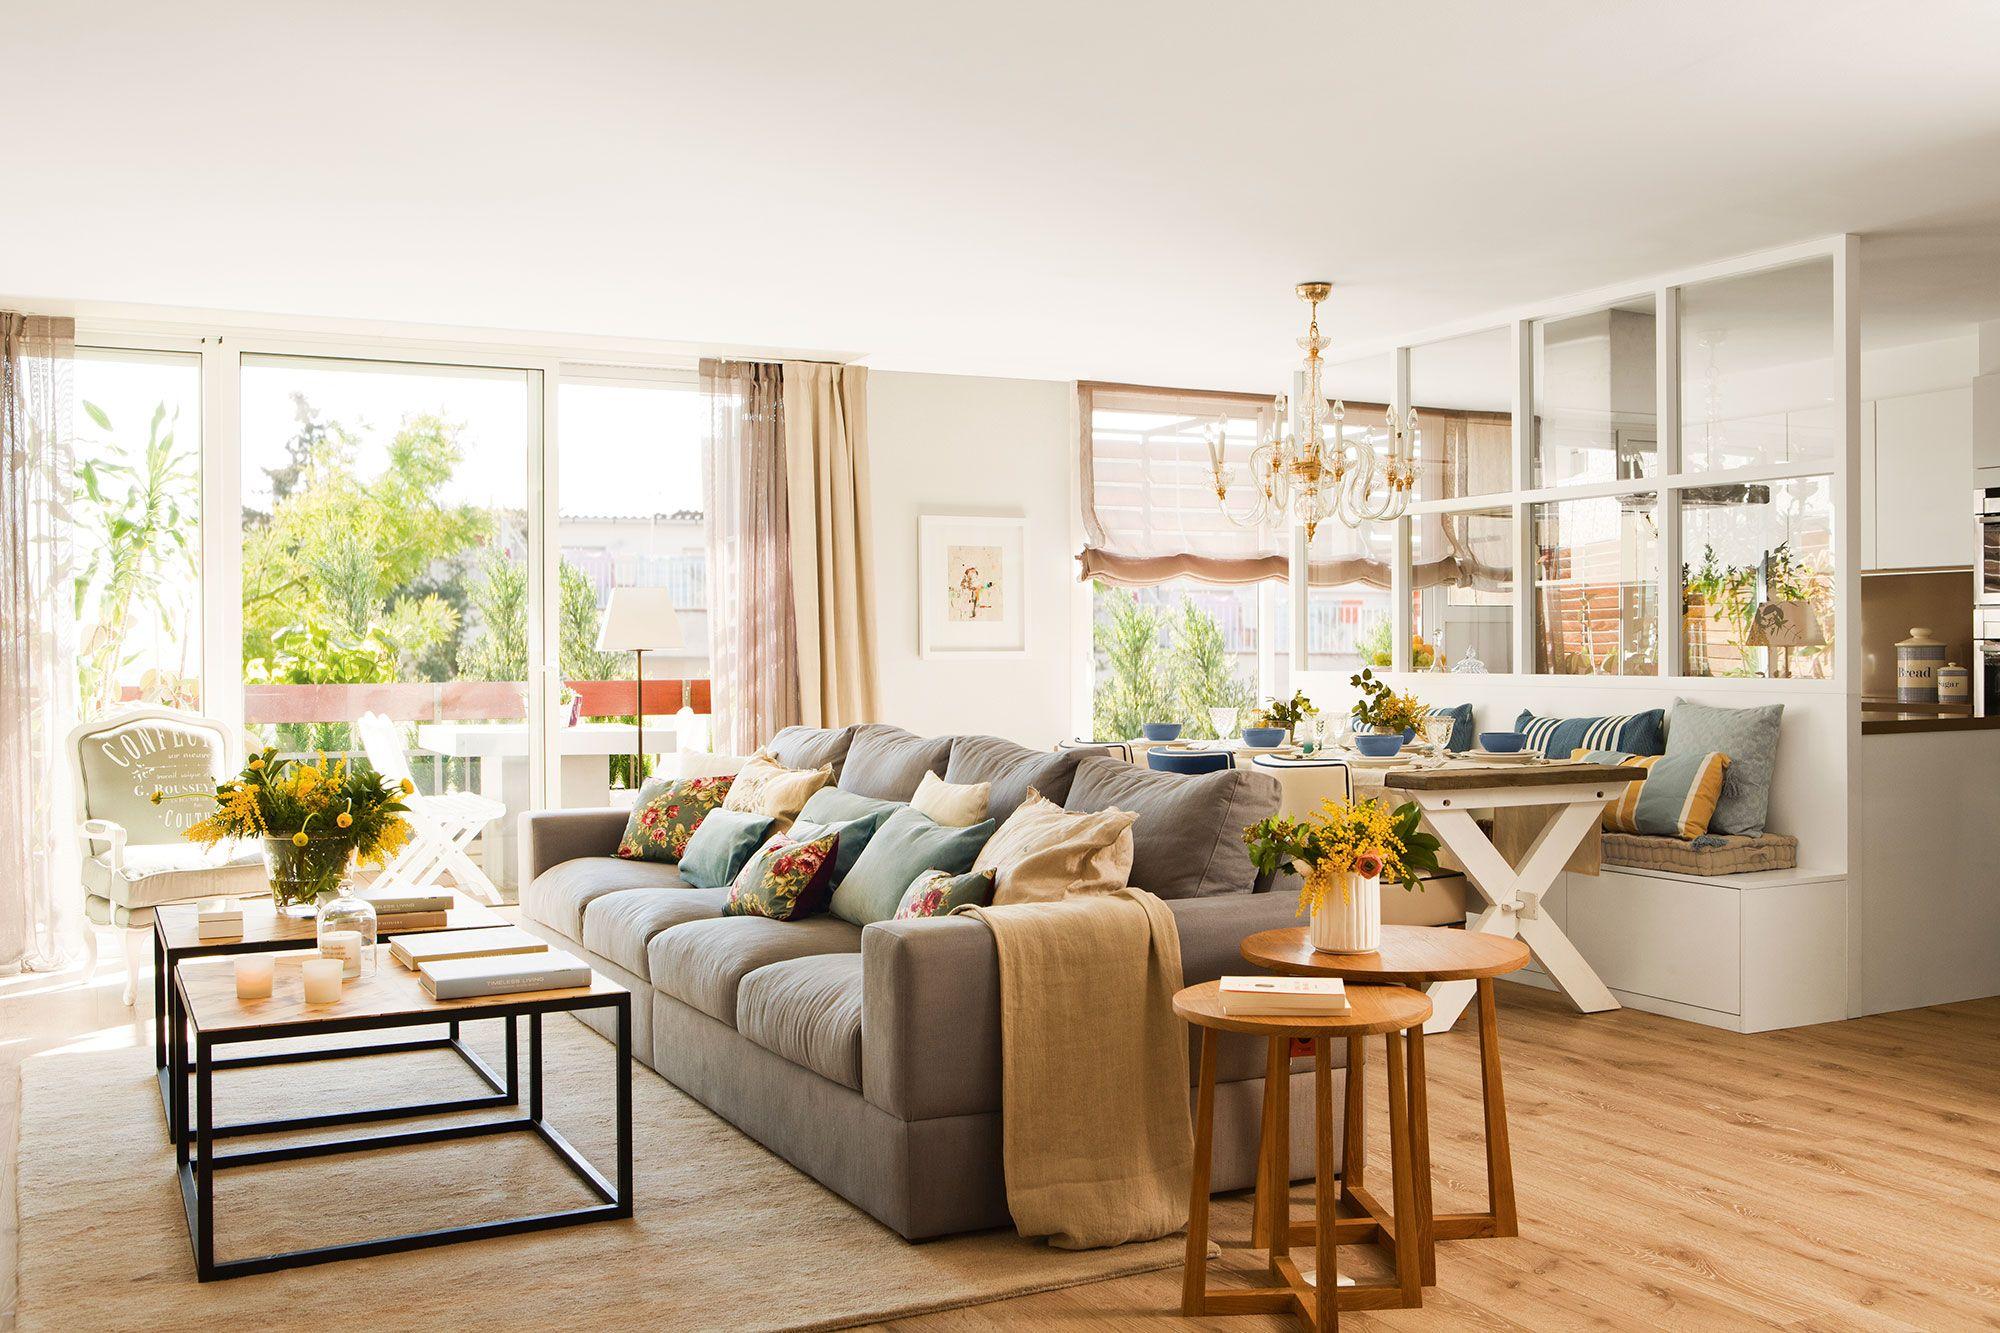 Salones con comedor buenas ideas para compartir espacio for Buenas ideas decoracion